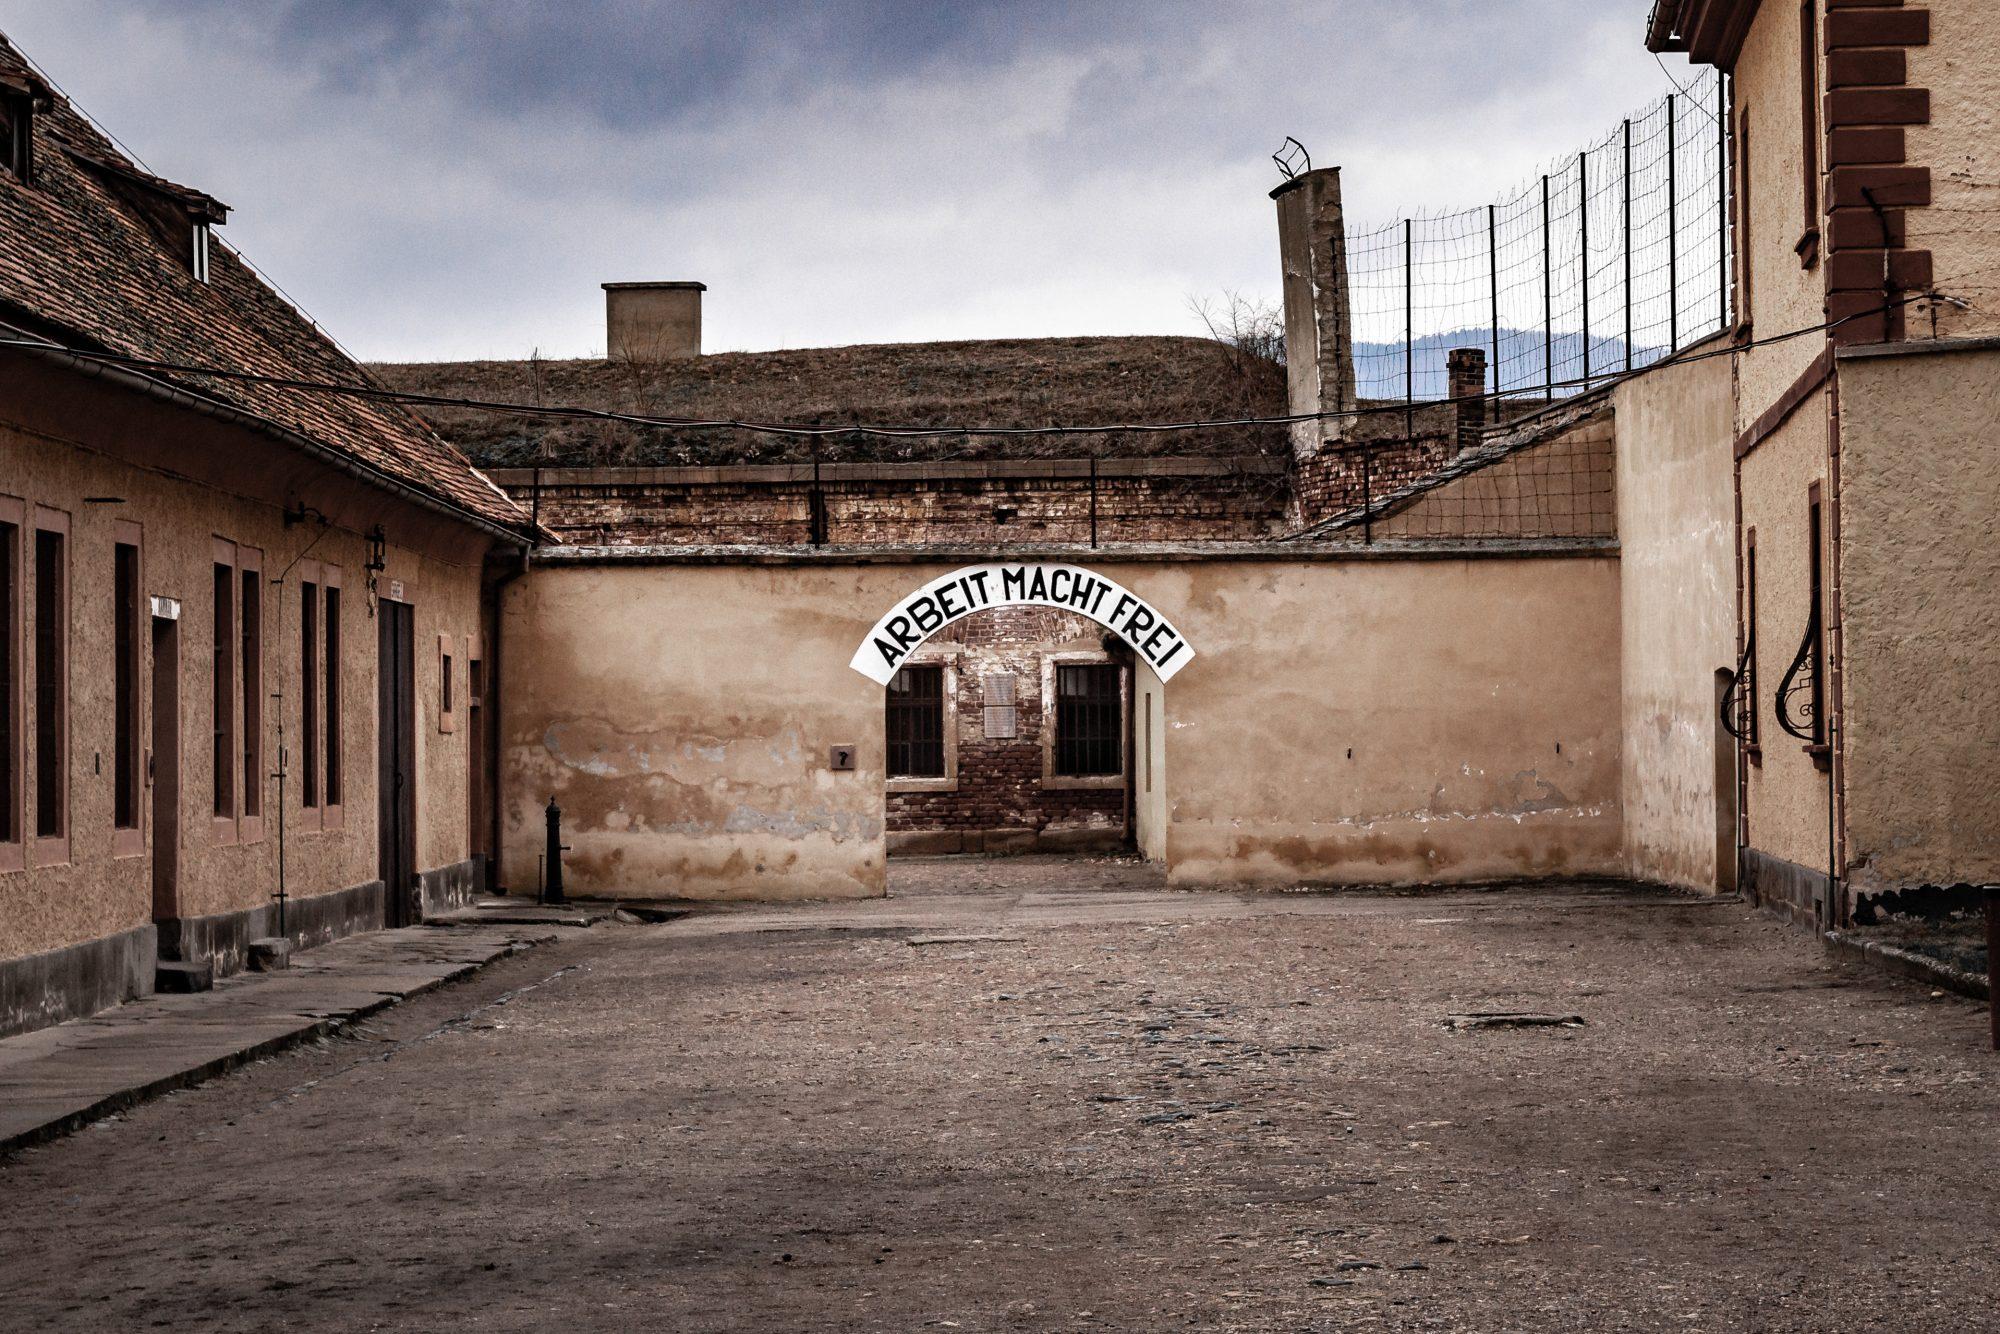 Jewish Ghetto and Gestapo Prison in Terezin, Czech Republic